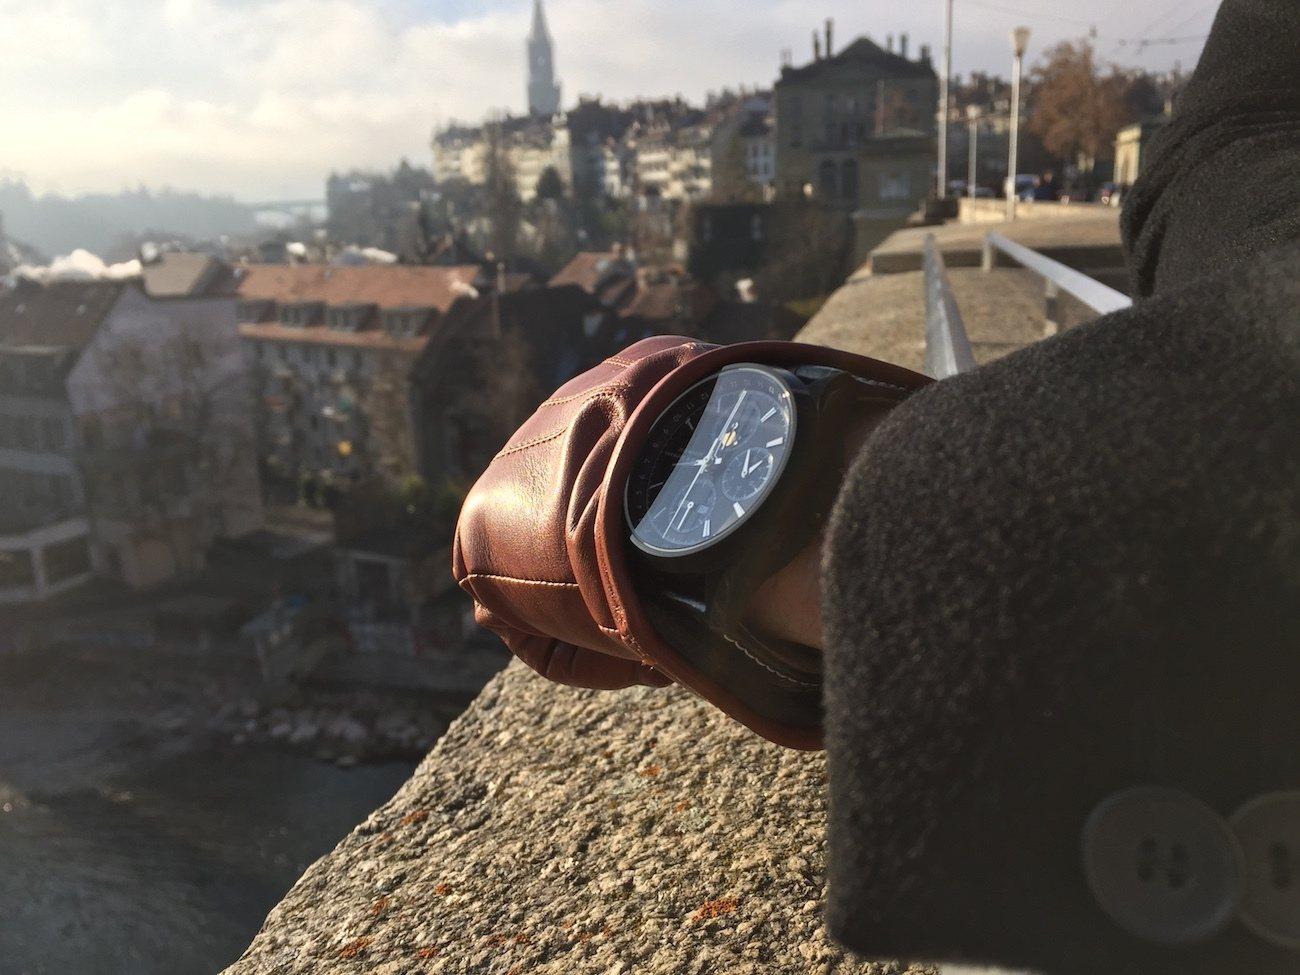 Zahnd+%26amp%3B+Kormann+Automatic+Watches